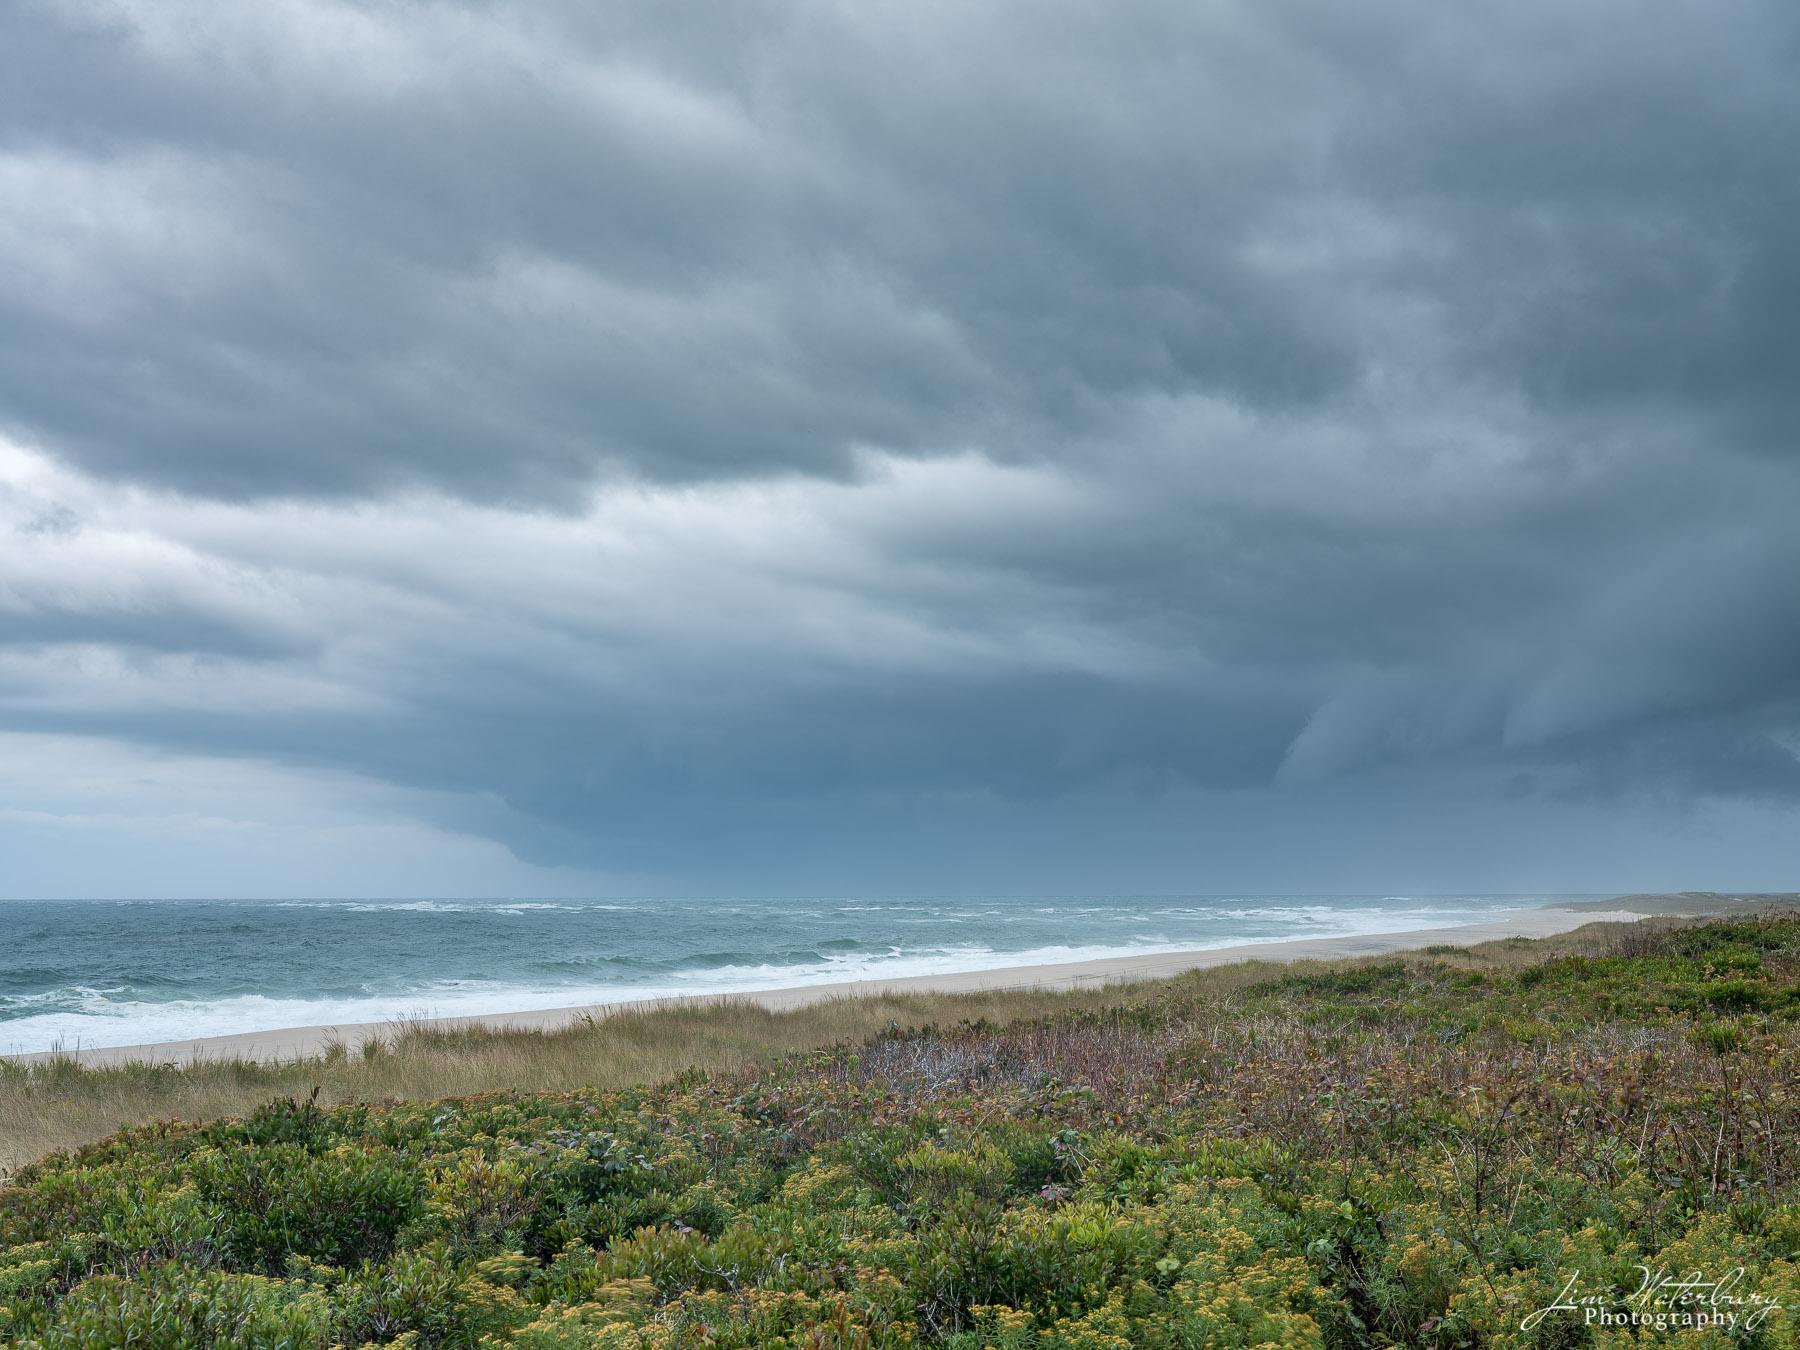 ocean, dunes, storm, clouds, seascape, photo